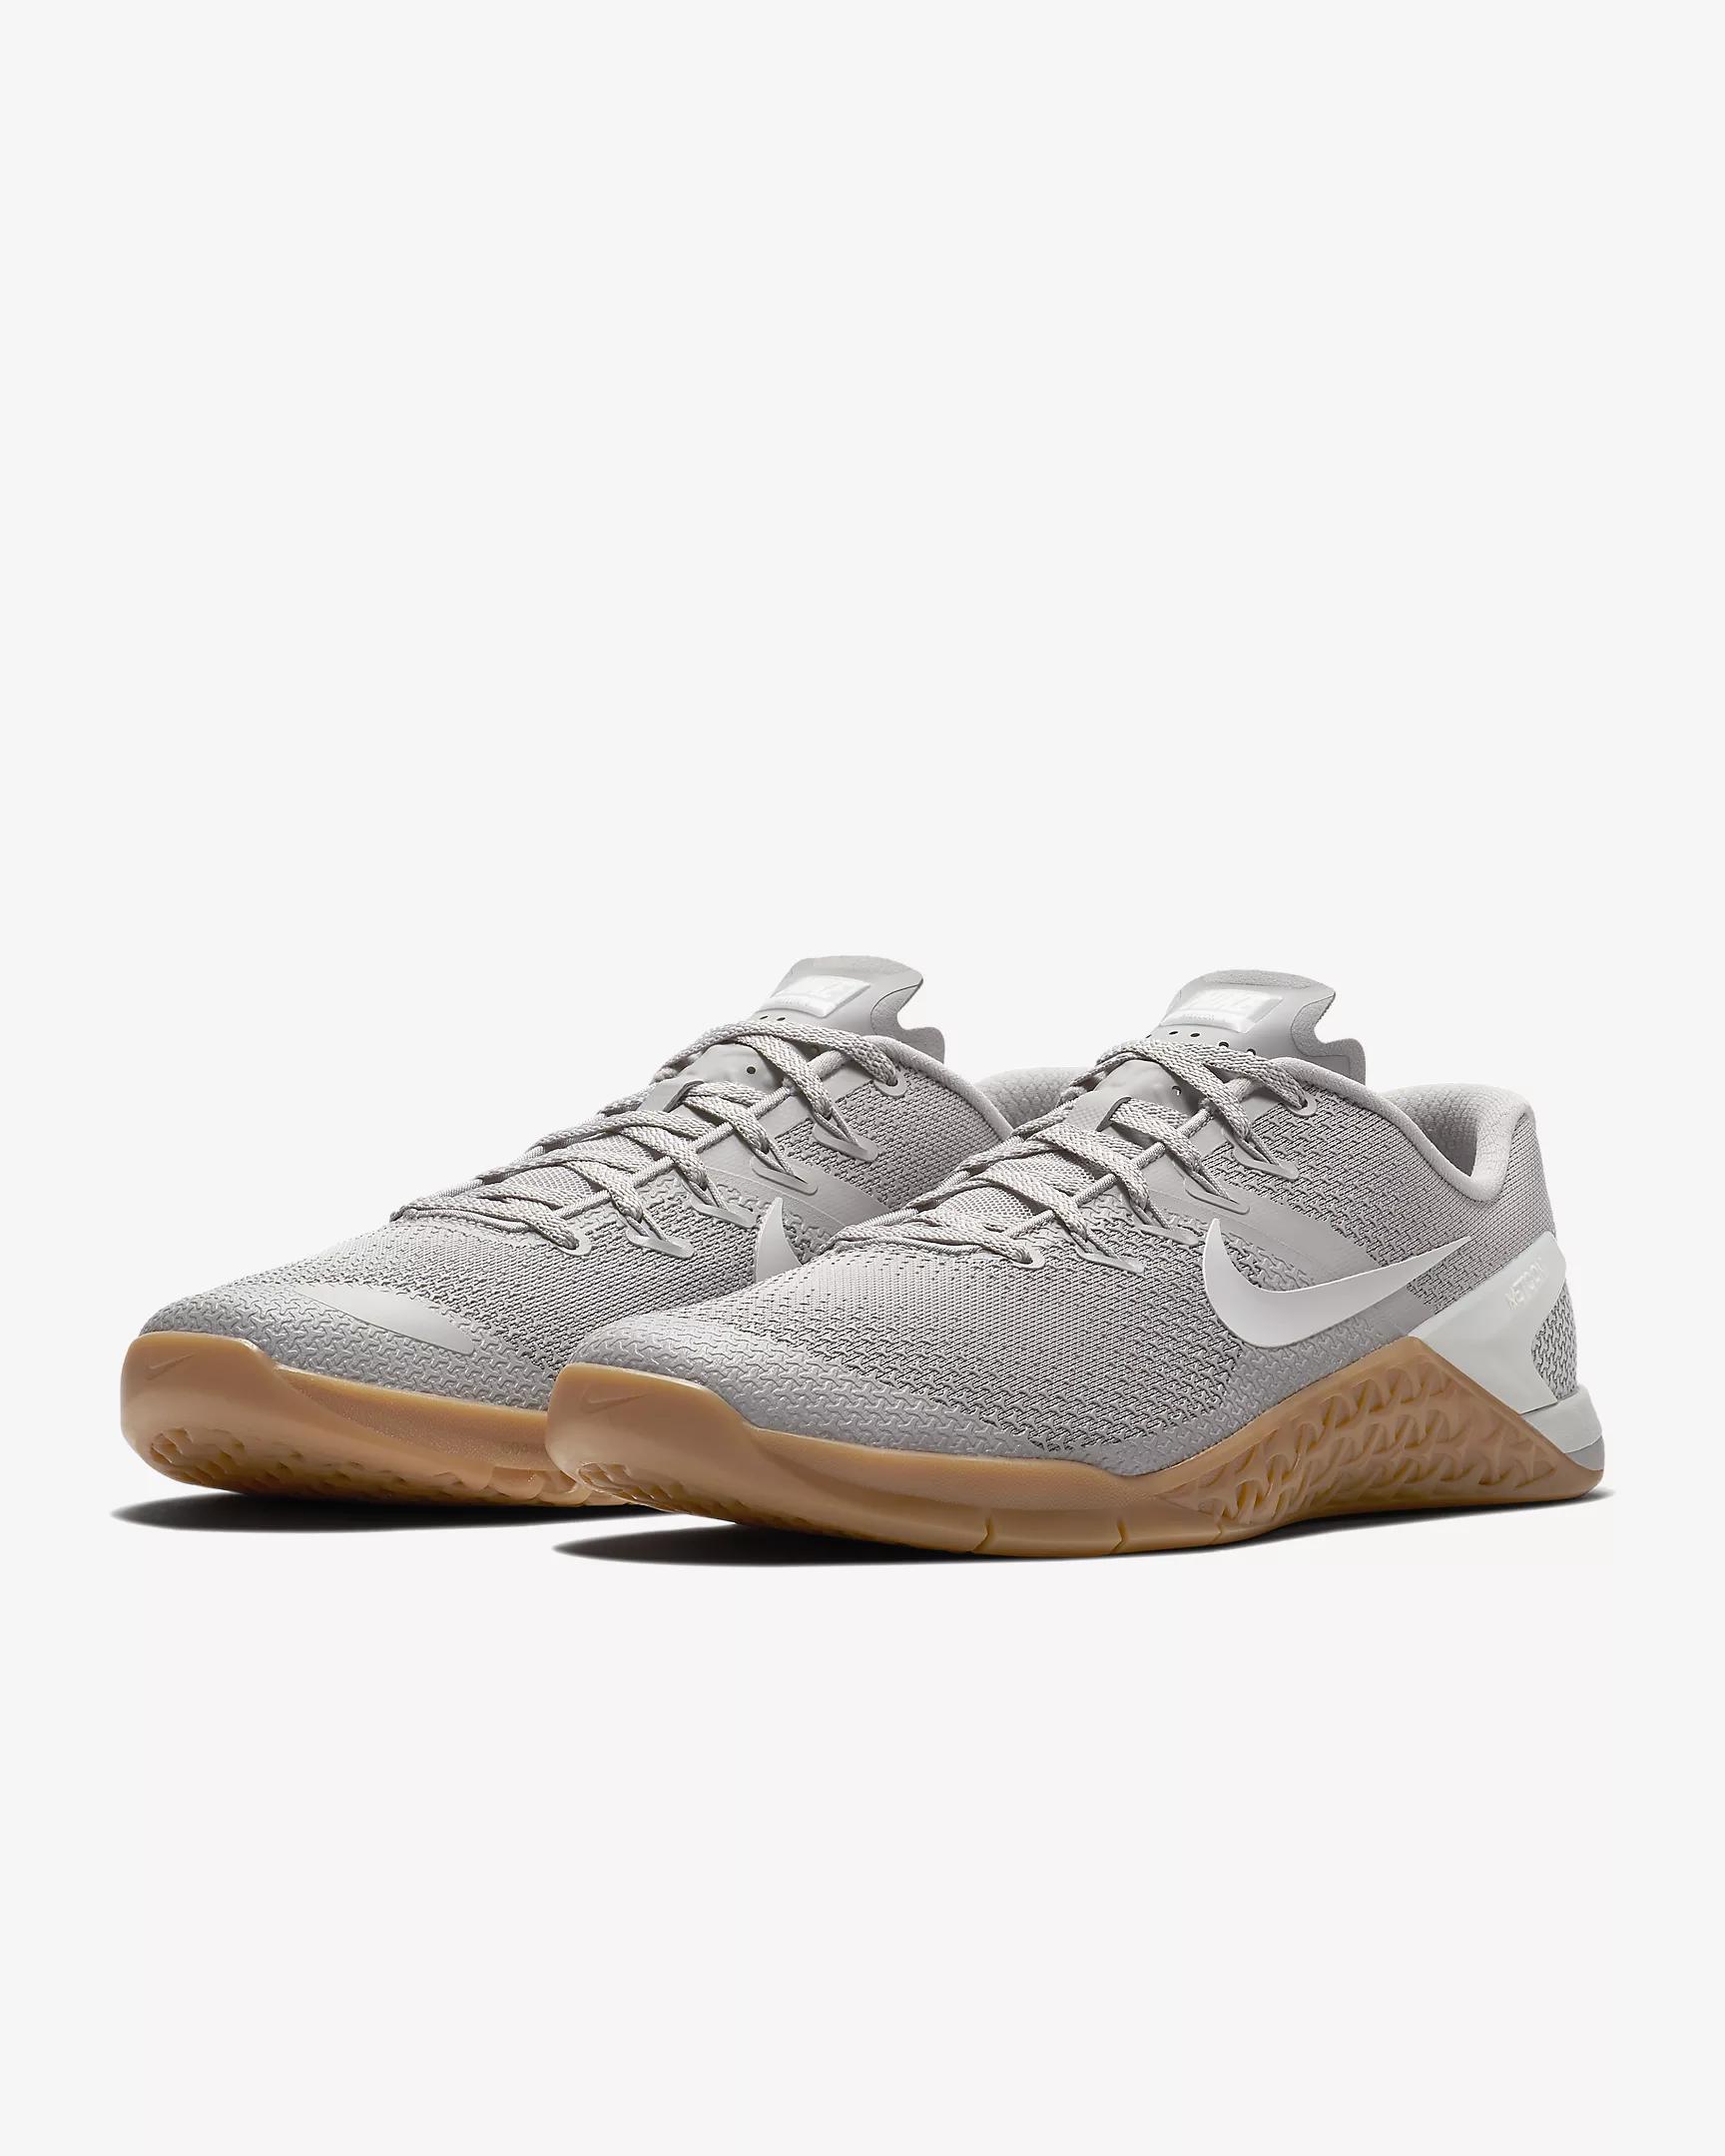 Atmosphere Grey/Black \u0026 Gum Nike Metcon